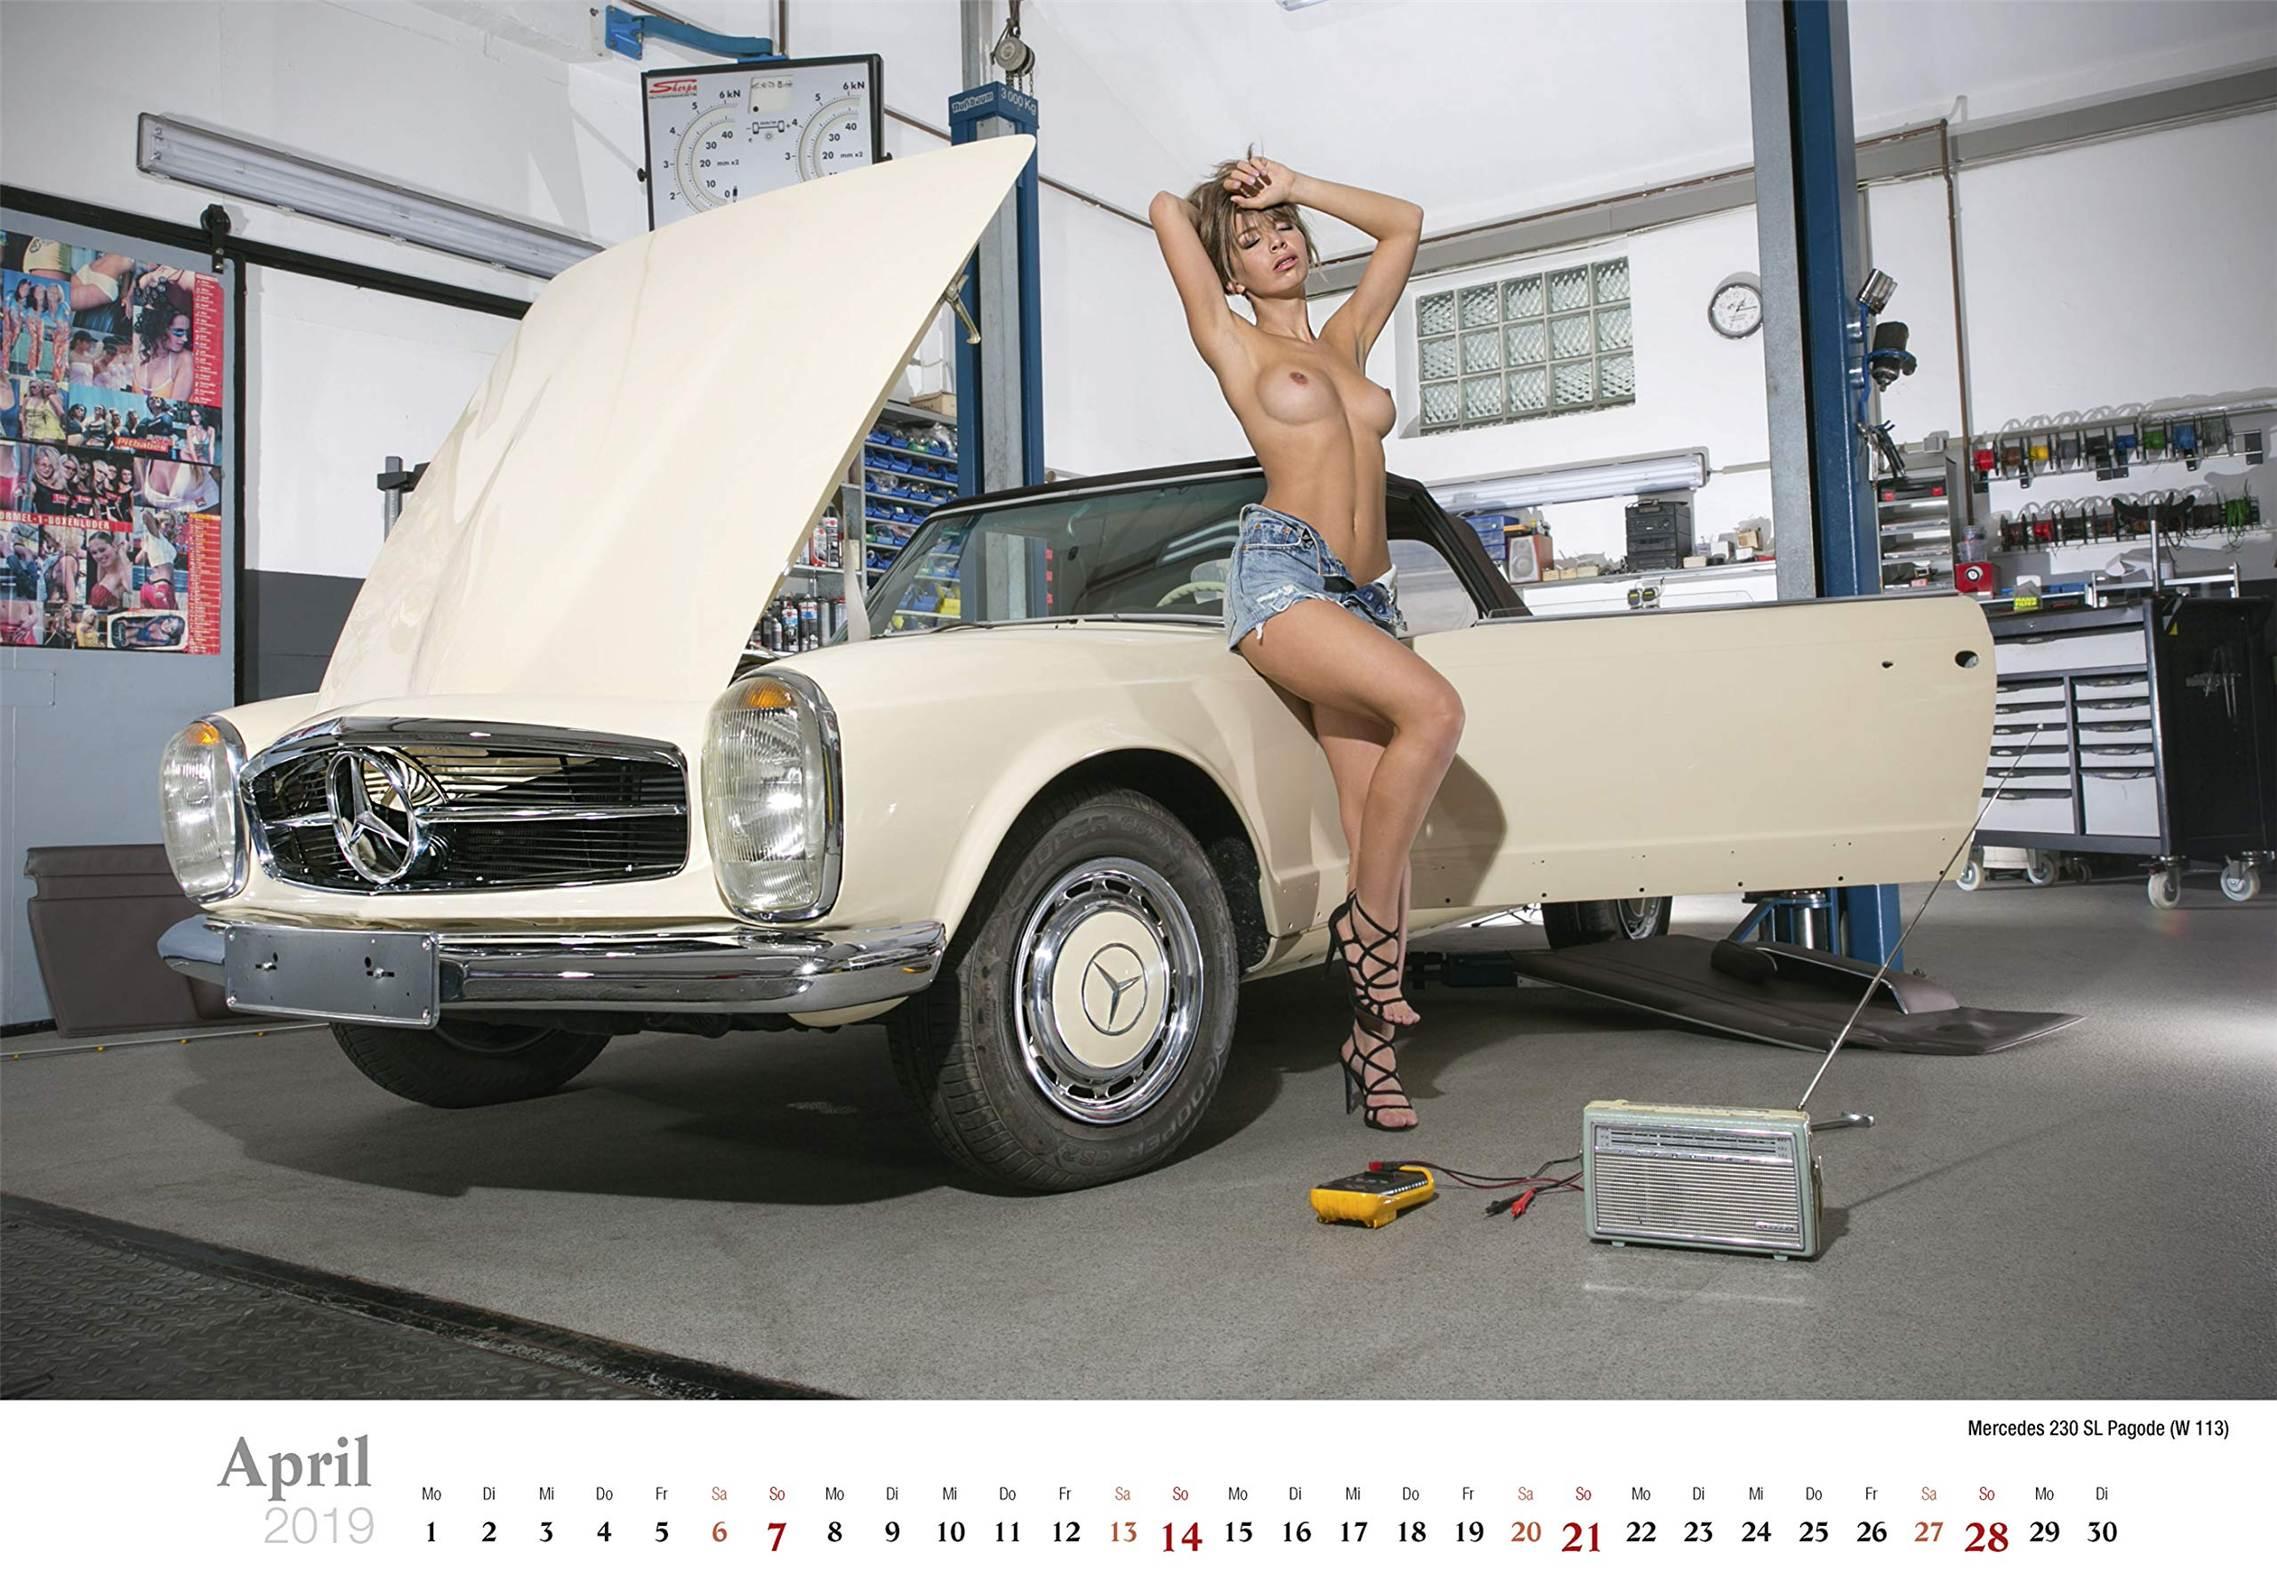 Сексуальные девушки ремонтируют автомобили / Mercedes 230 SL Pagode / Schraubertraume / 2019 erotic calendar by Frank Lutzeback